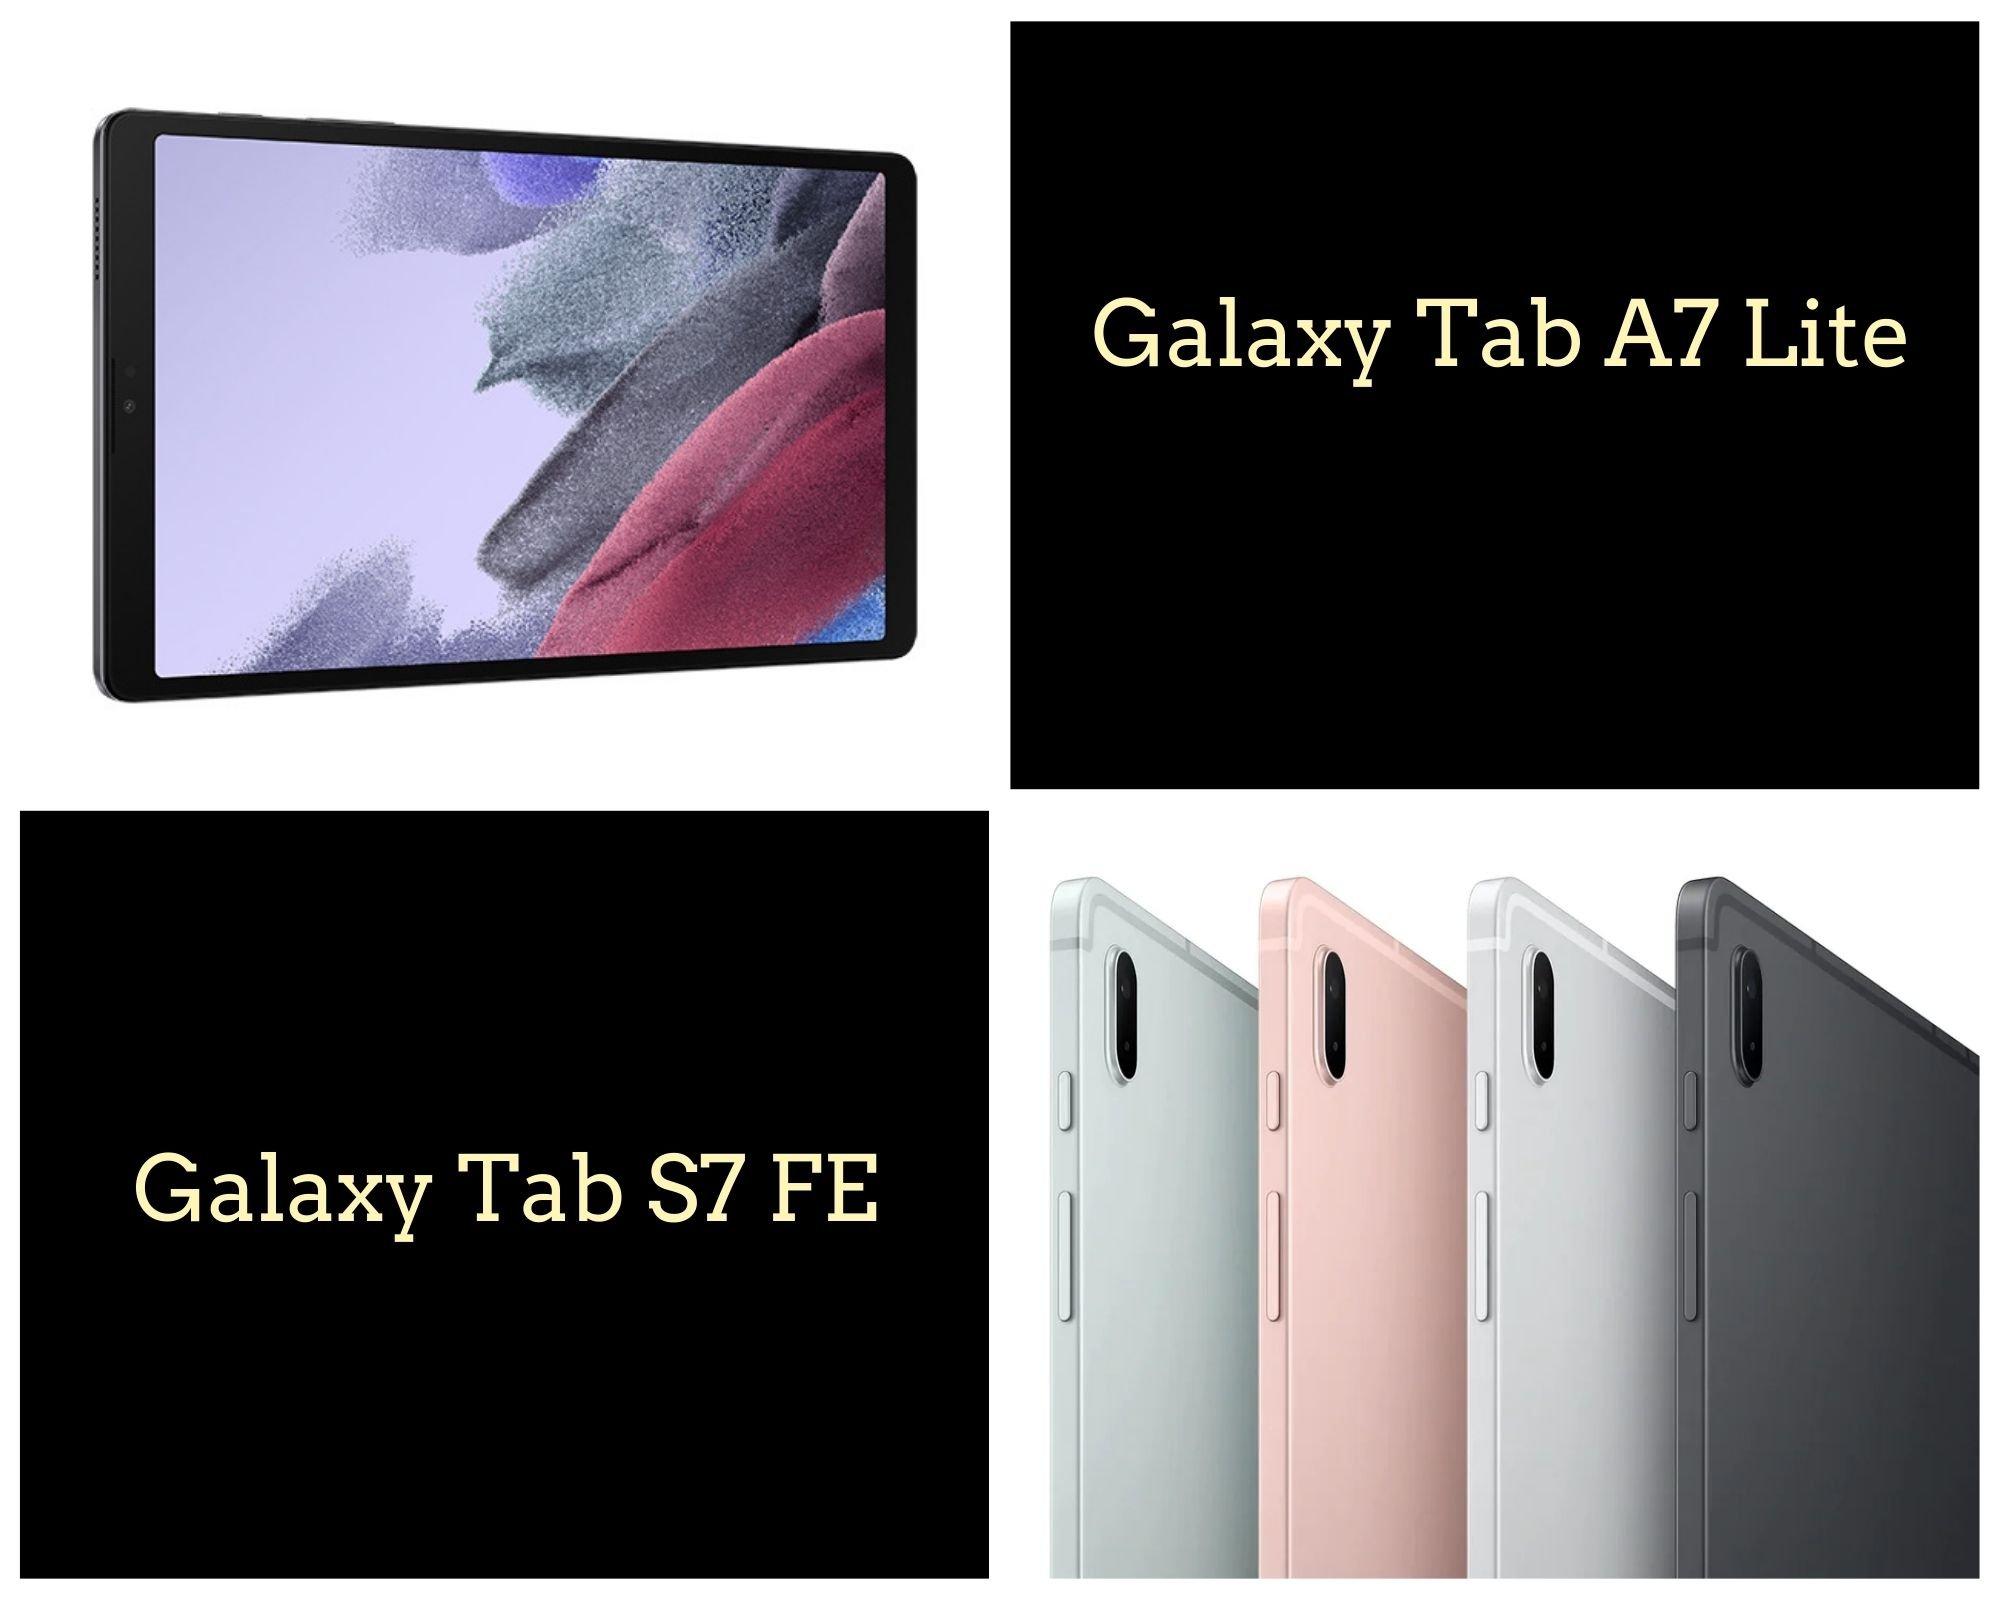 Galaxy Tab S7 FE And Galaxy Tab A7 Lite